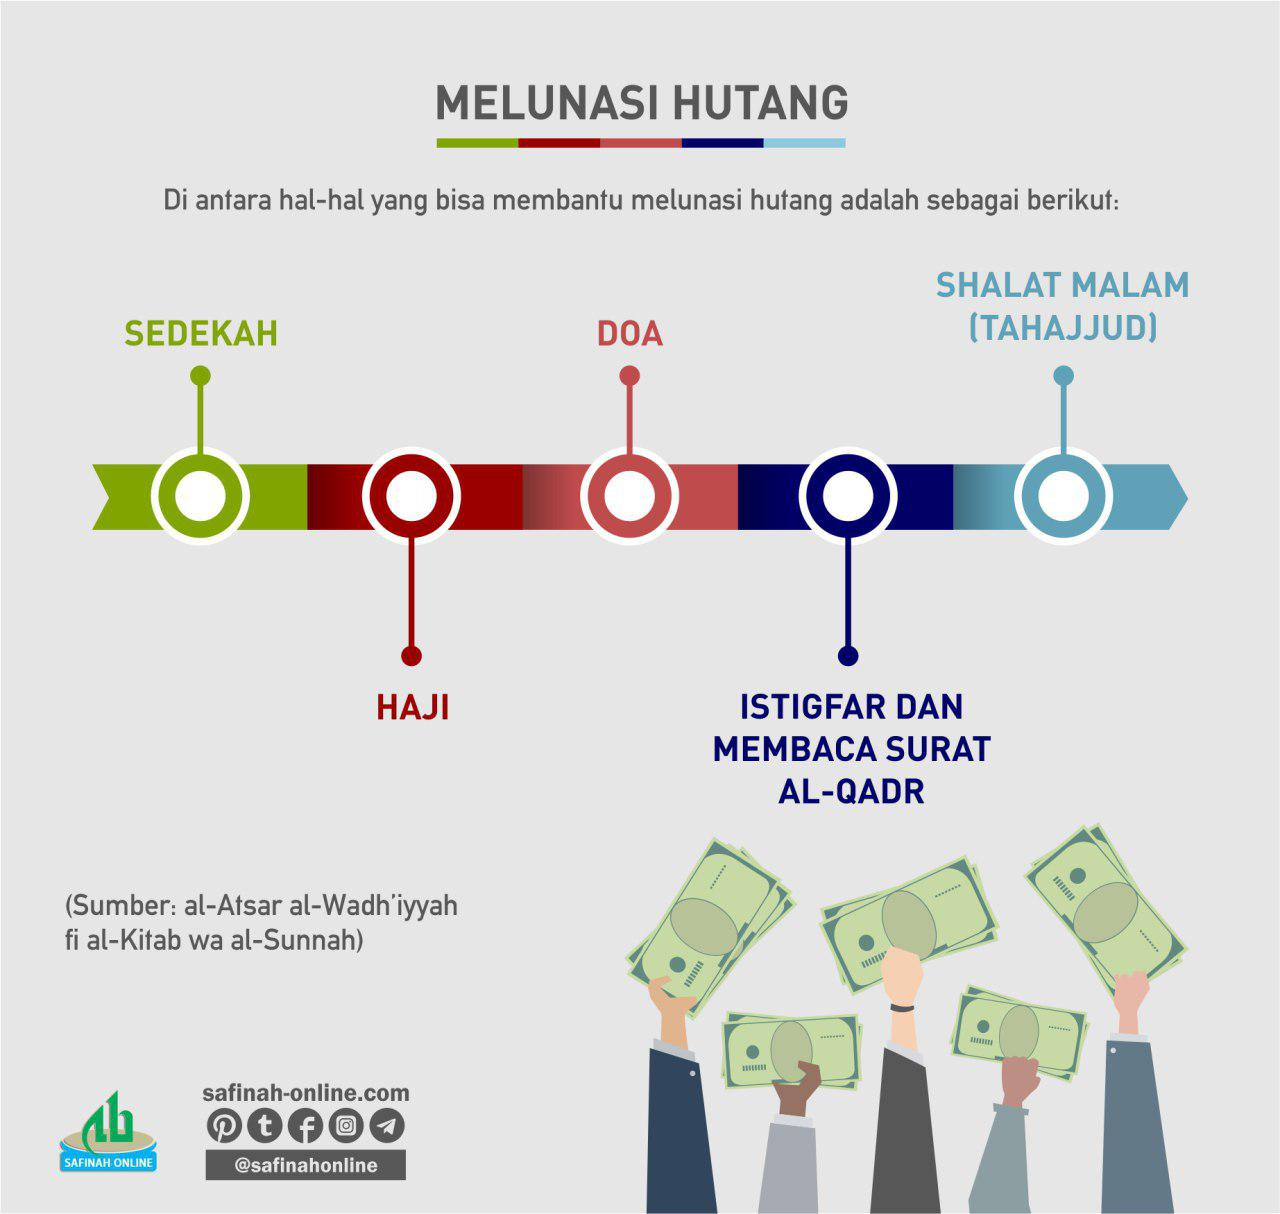 Safinahquote Melunasi Hutang Safinah Online